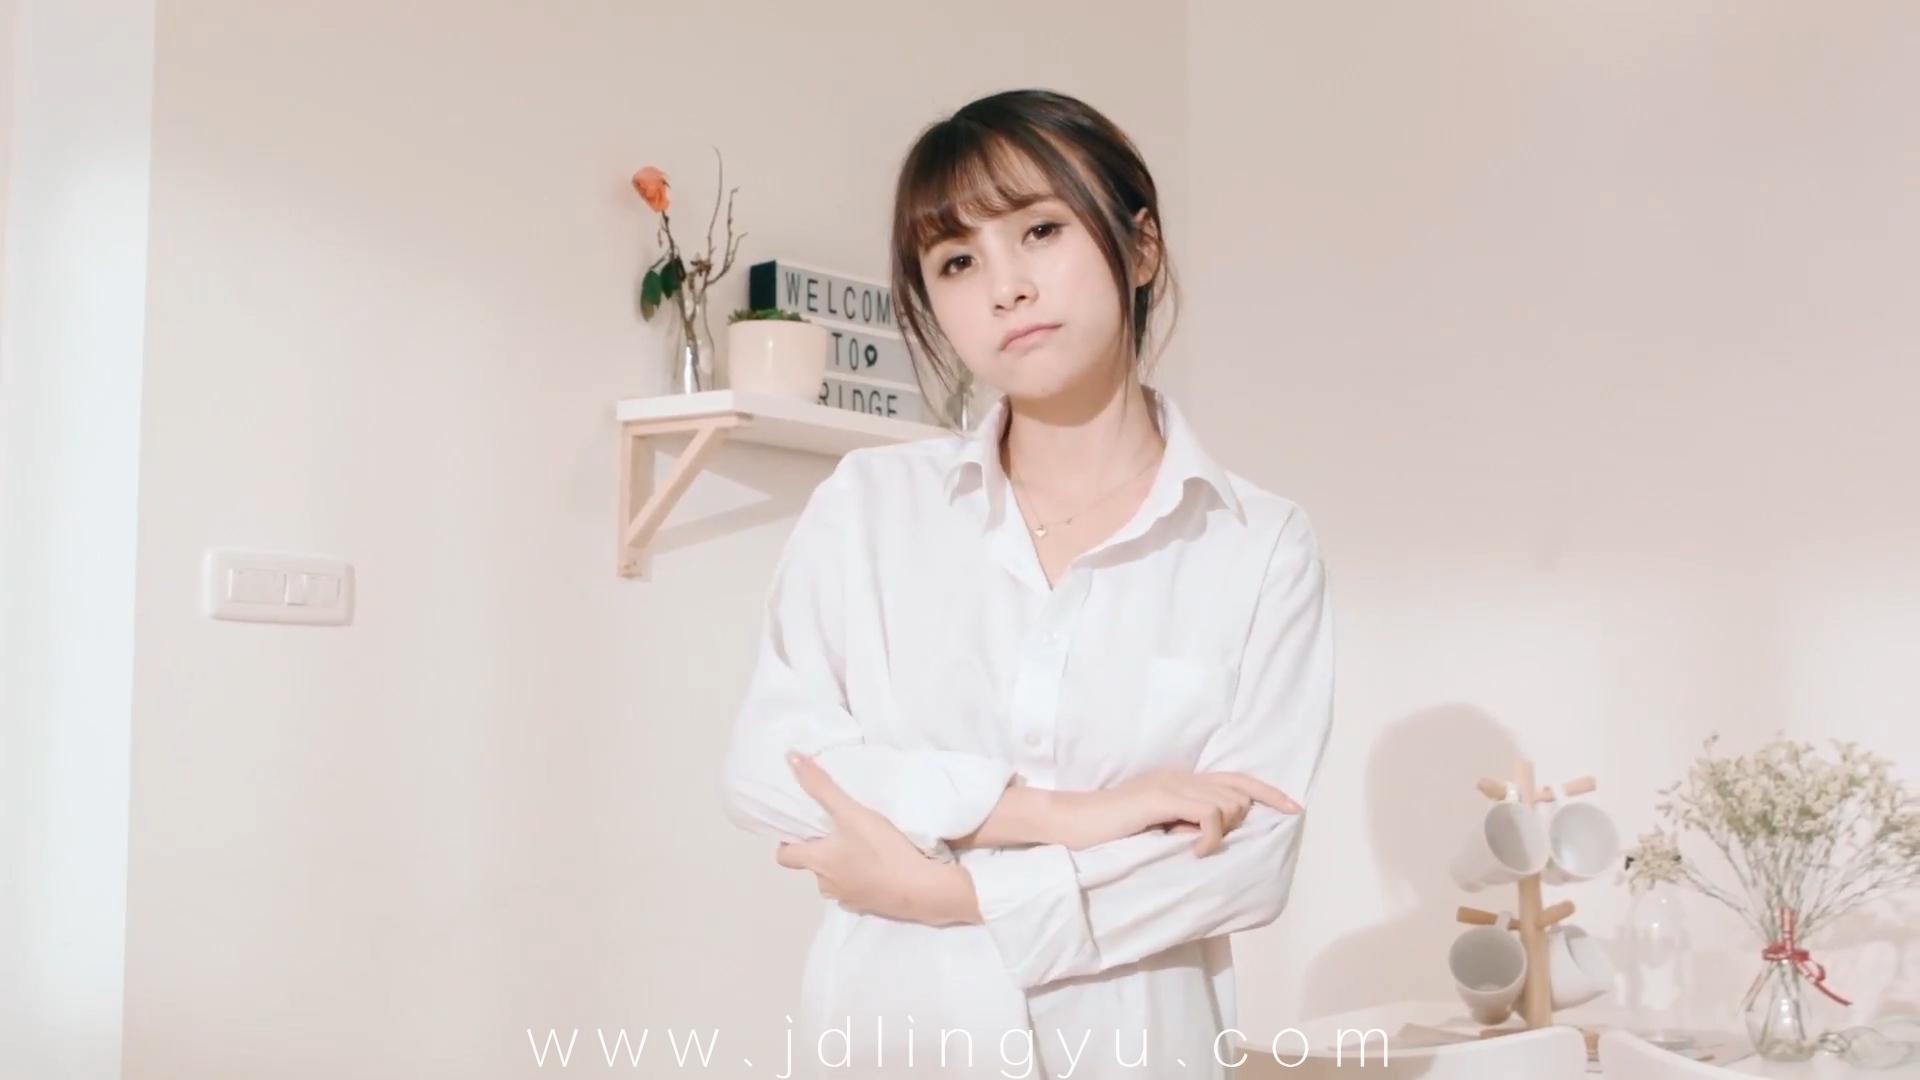 女神驾到:喵语春风夏美酱林苒苒金币解锁视频合集